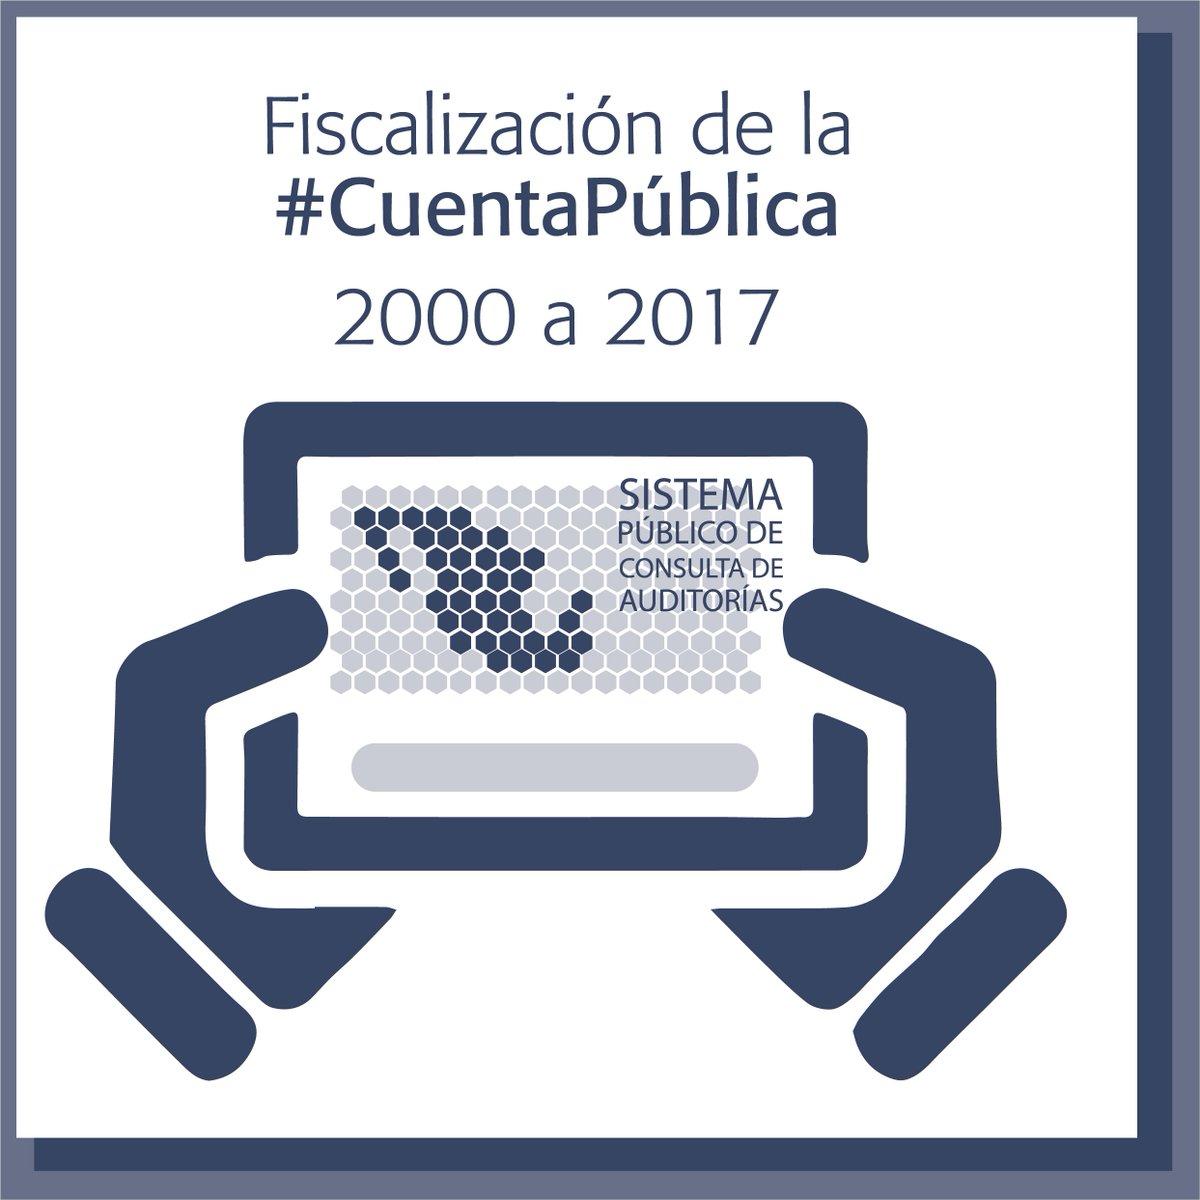 La Auditoría Superior de la Federación tiene disponibles más de 16,000 informes realizados desde la #CuentaPública del año 2000.  Sistema Público Consulta de Auditorías, visítalo: http://www.asfdatos.gob.mx/